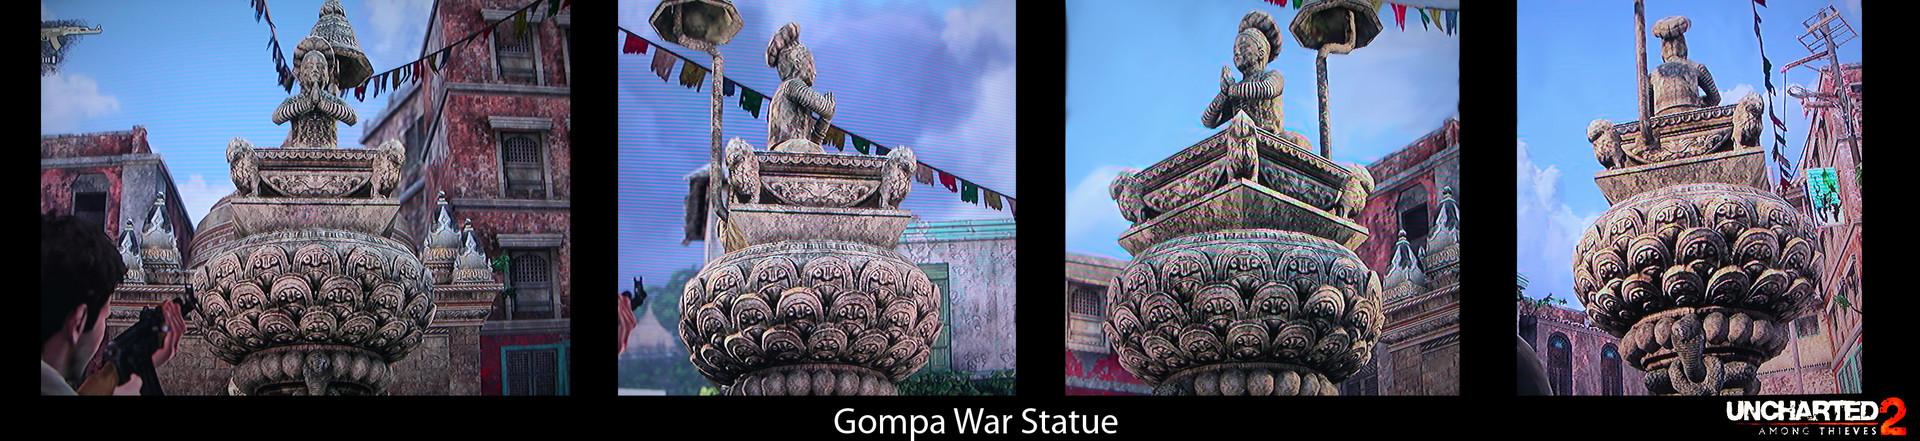 Jin hao villa gompa war statue